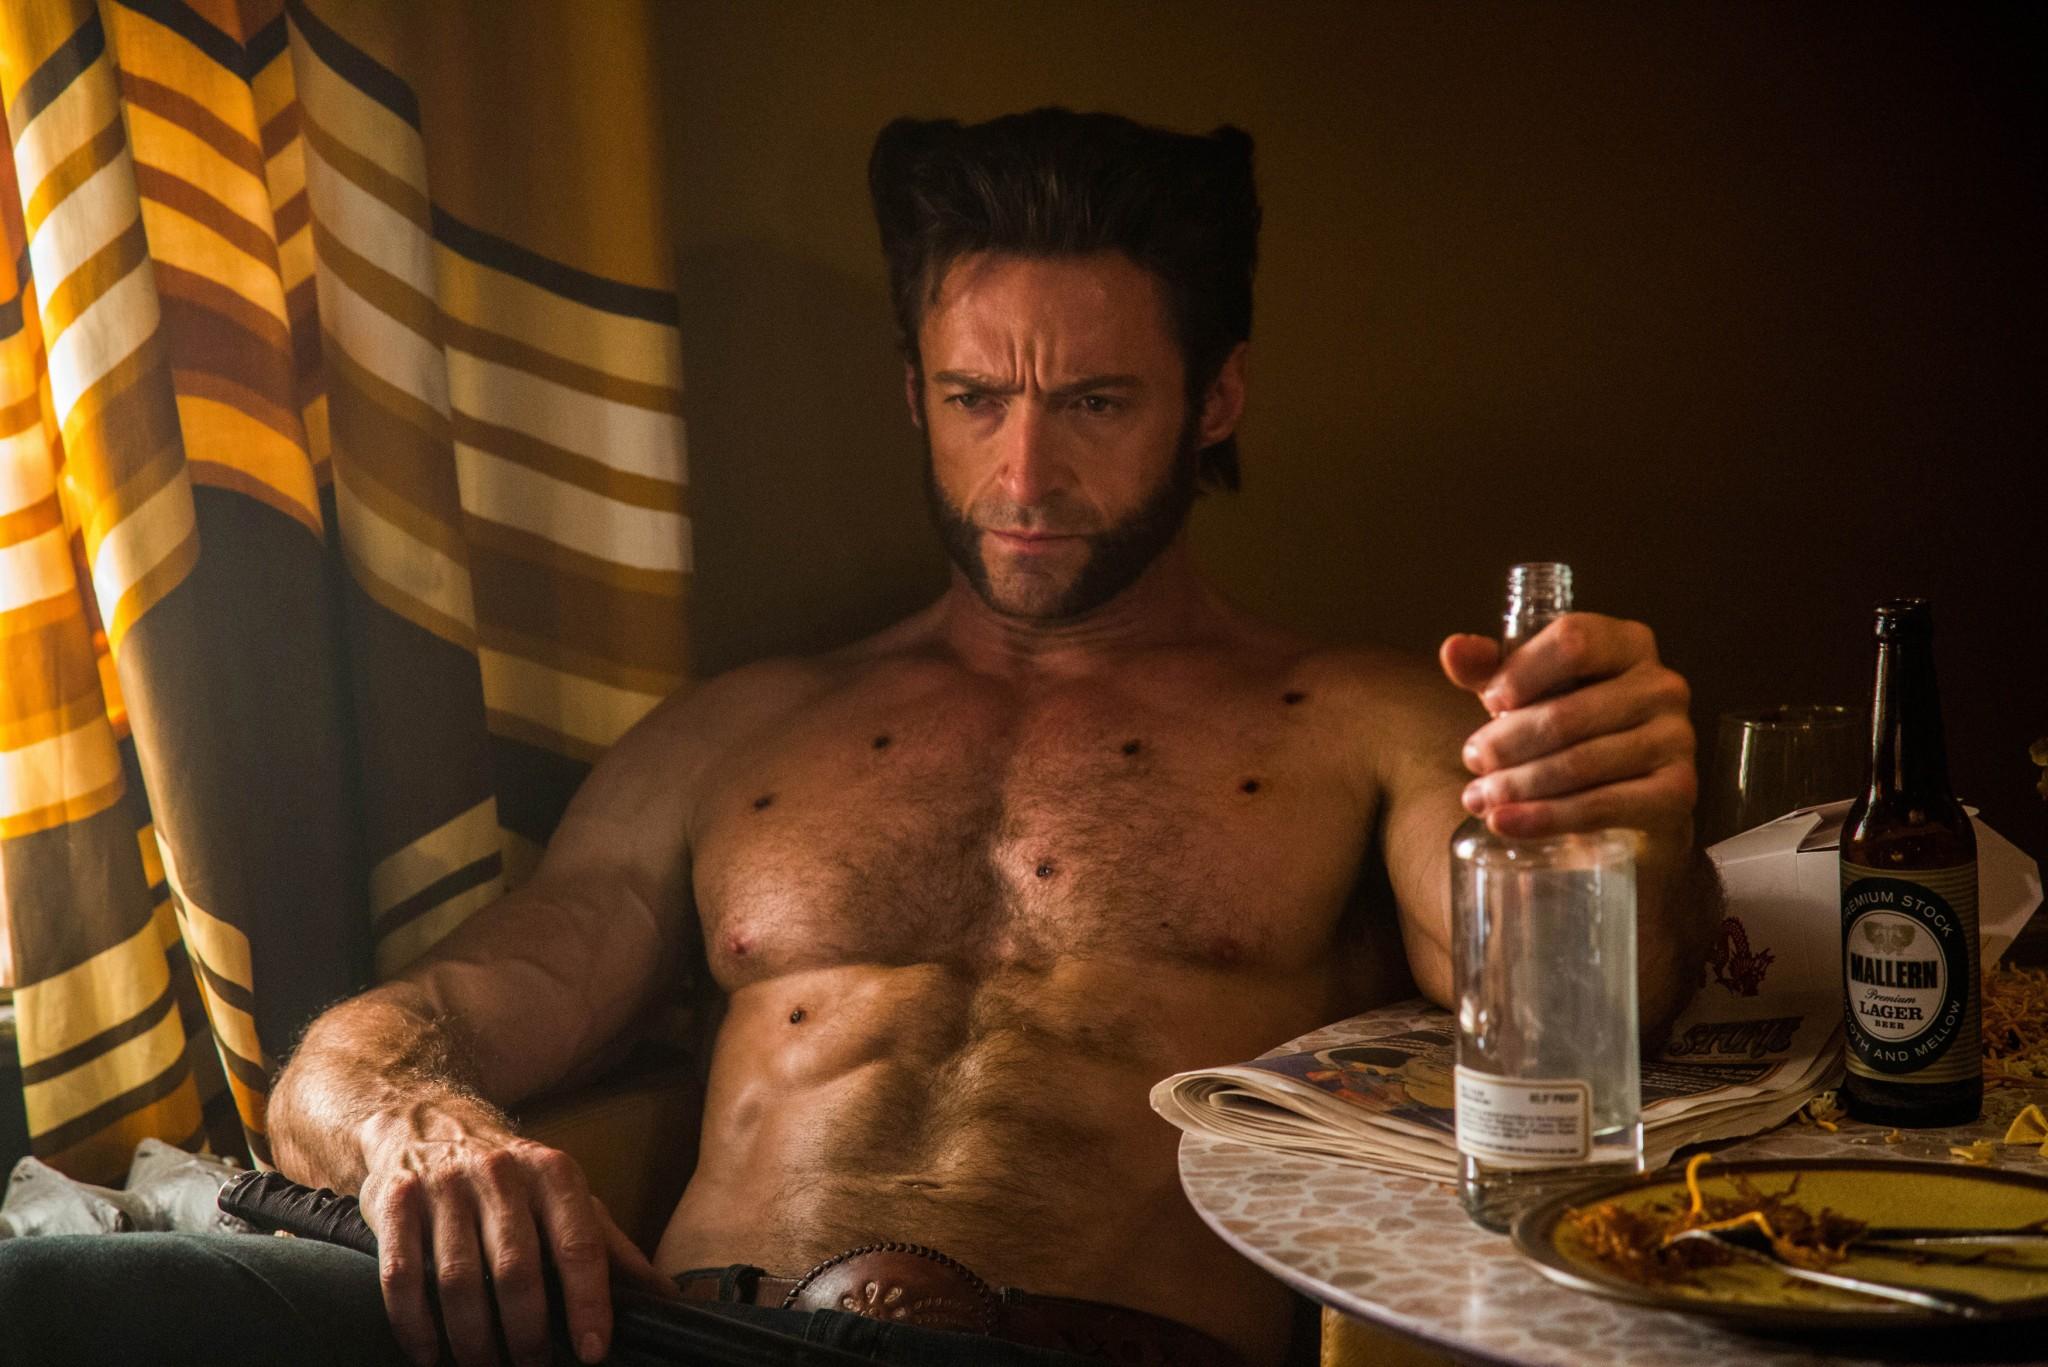 Hot nude men pic